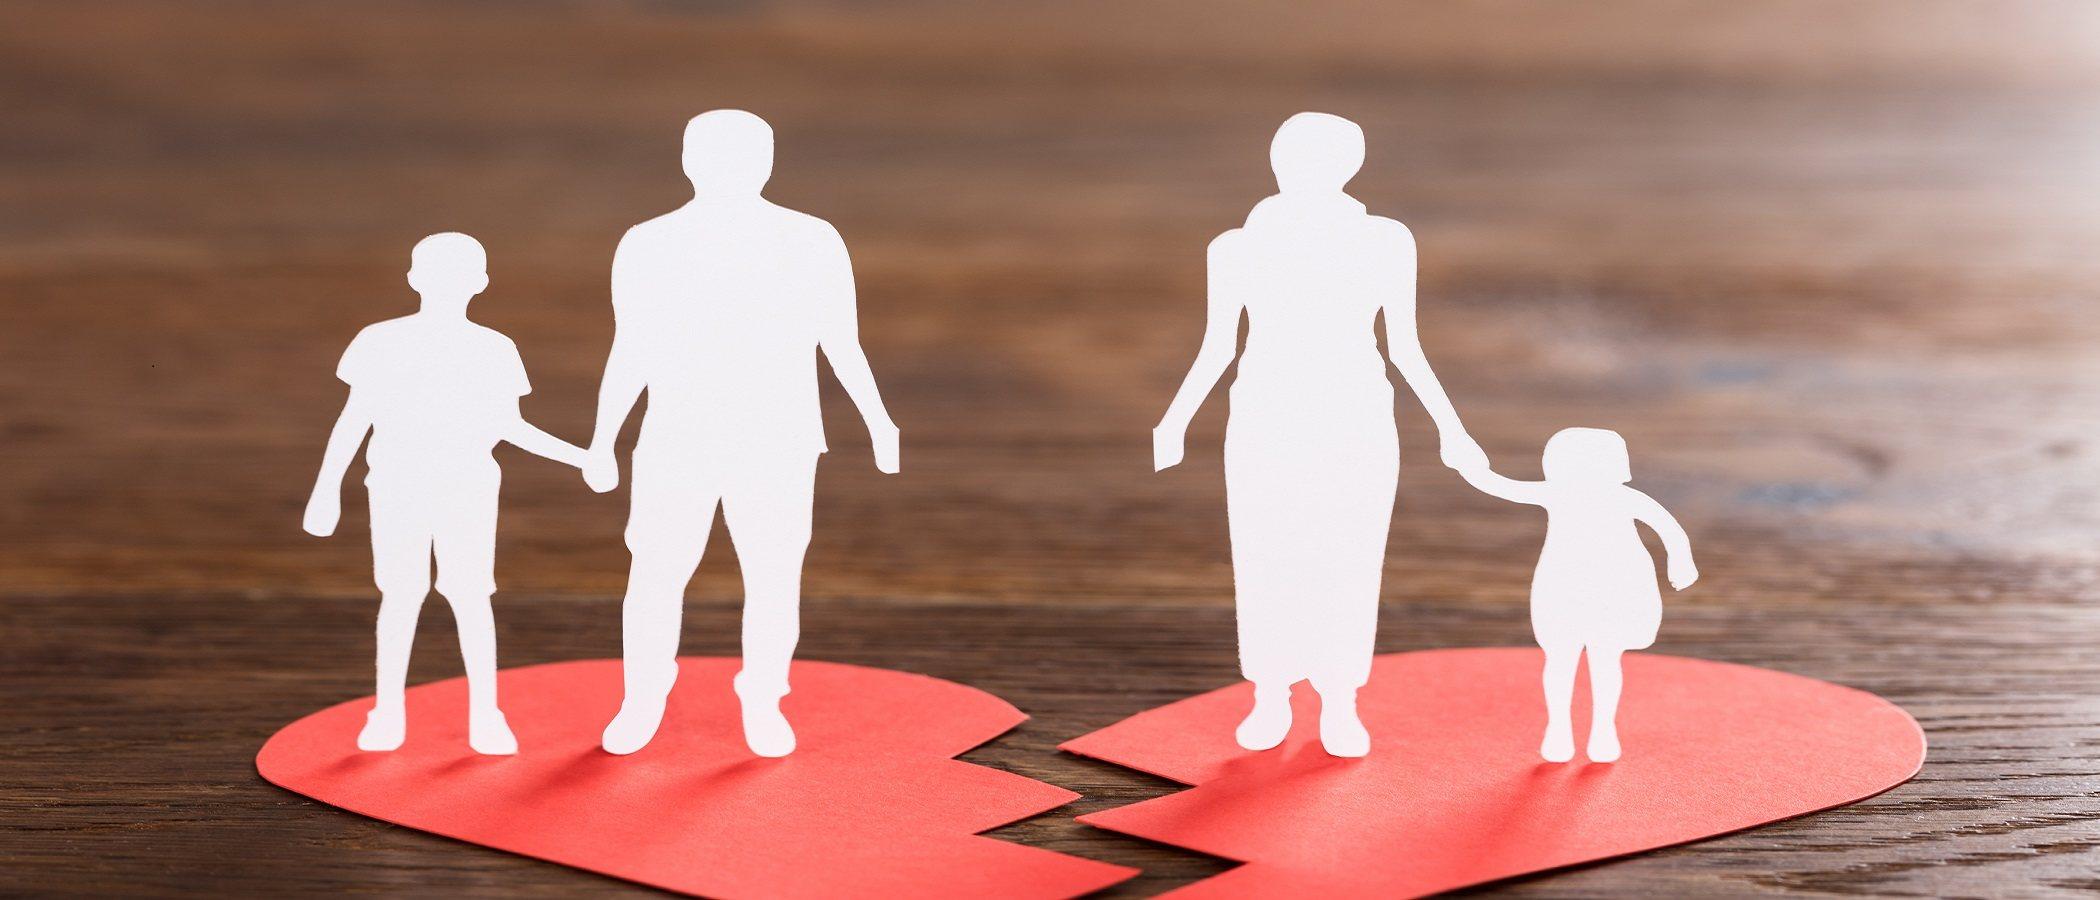 Problemas comunes en los adolescentes cuando sus padres se divorcian